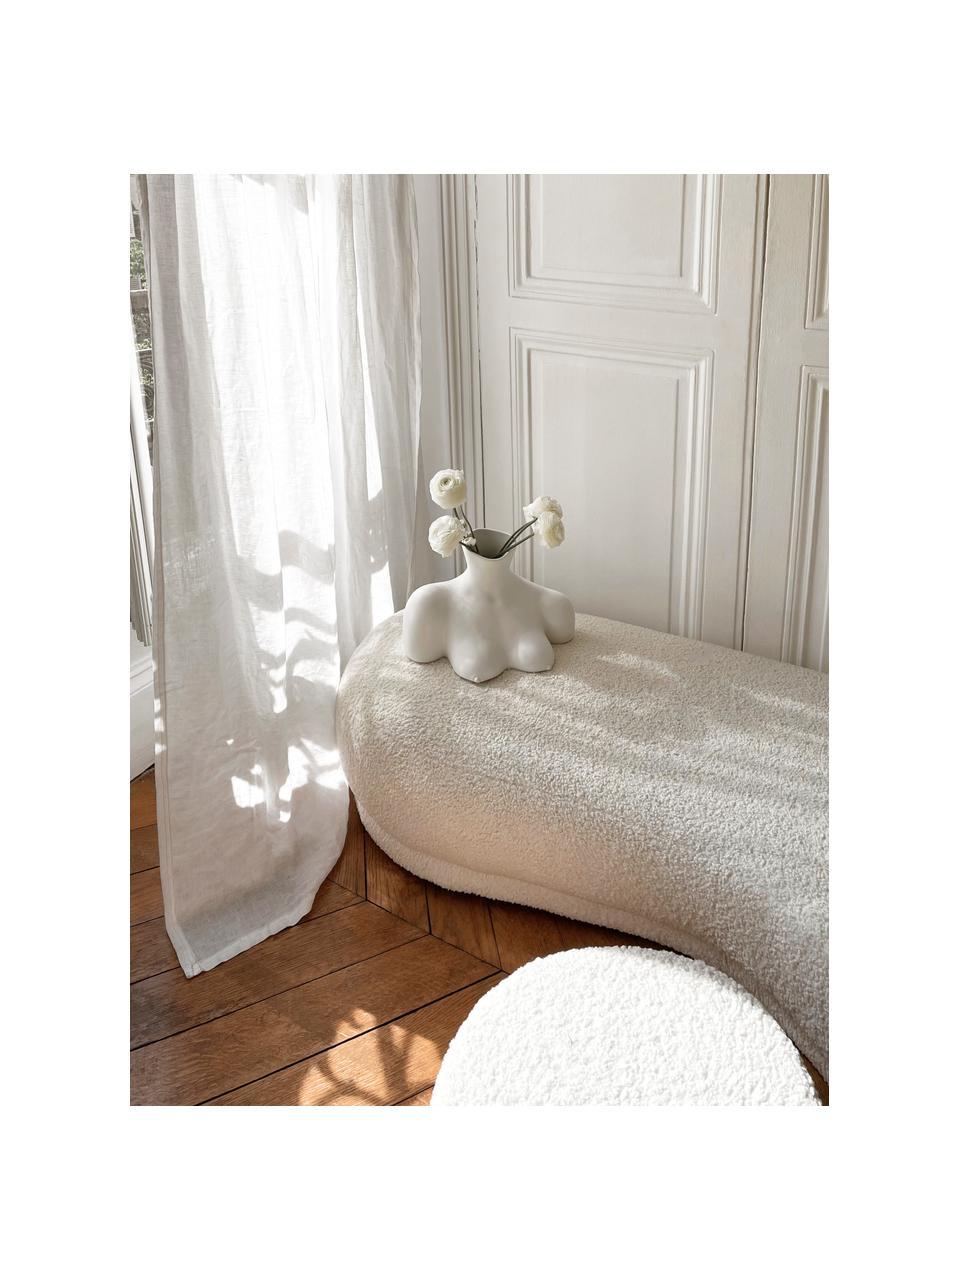 Ławka tapicerowana Teddy Coconino, Tapicerka: poliester (Teddy), Stelaż: drewno sosnowe, Kremowobiały teddy, S 160 x W 36 cm